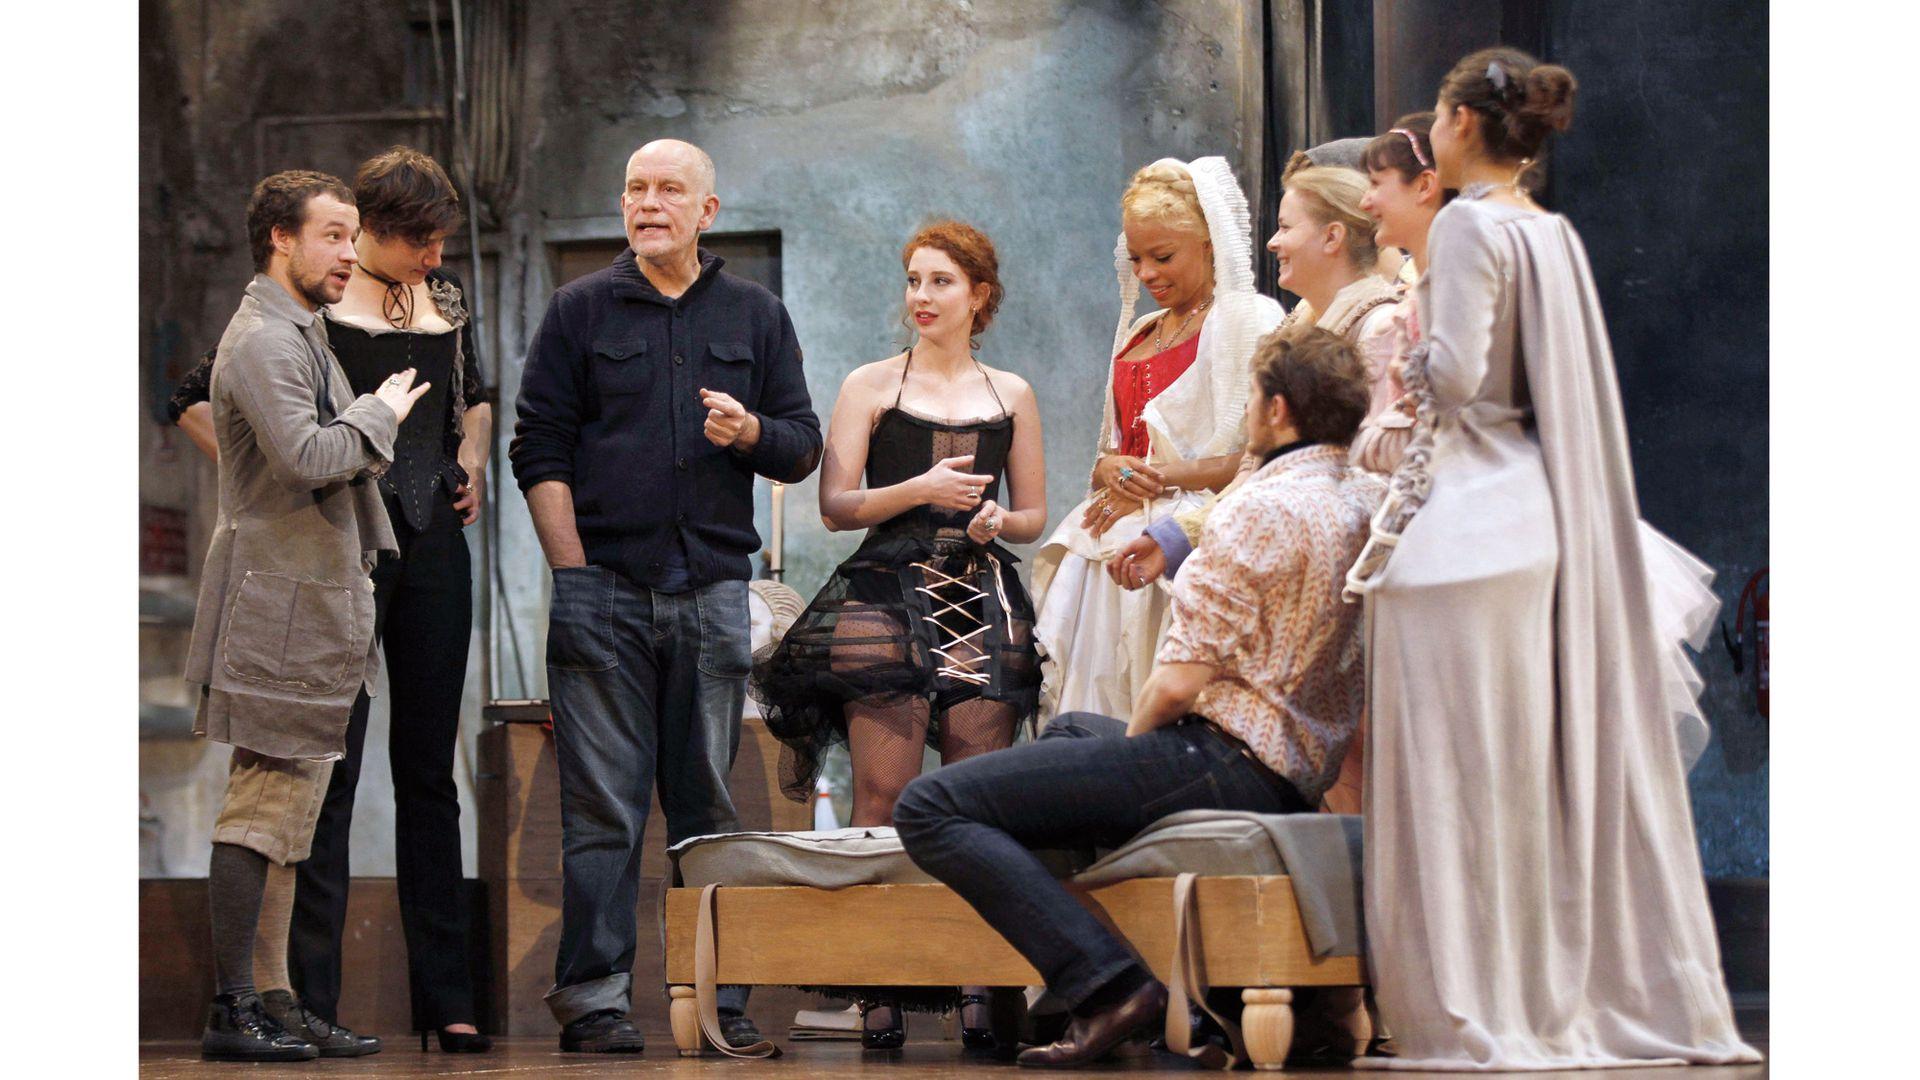 Un ensayo de Relaciones peligrosas, obra de teatro que dirigió en 2012 en París